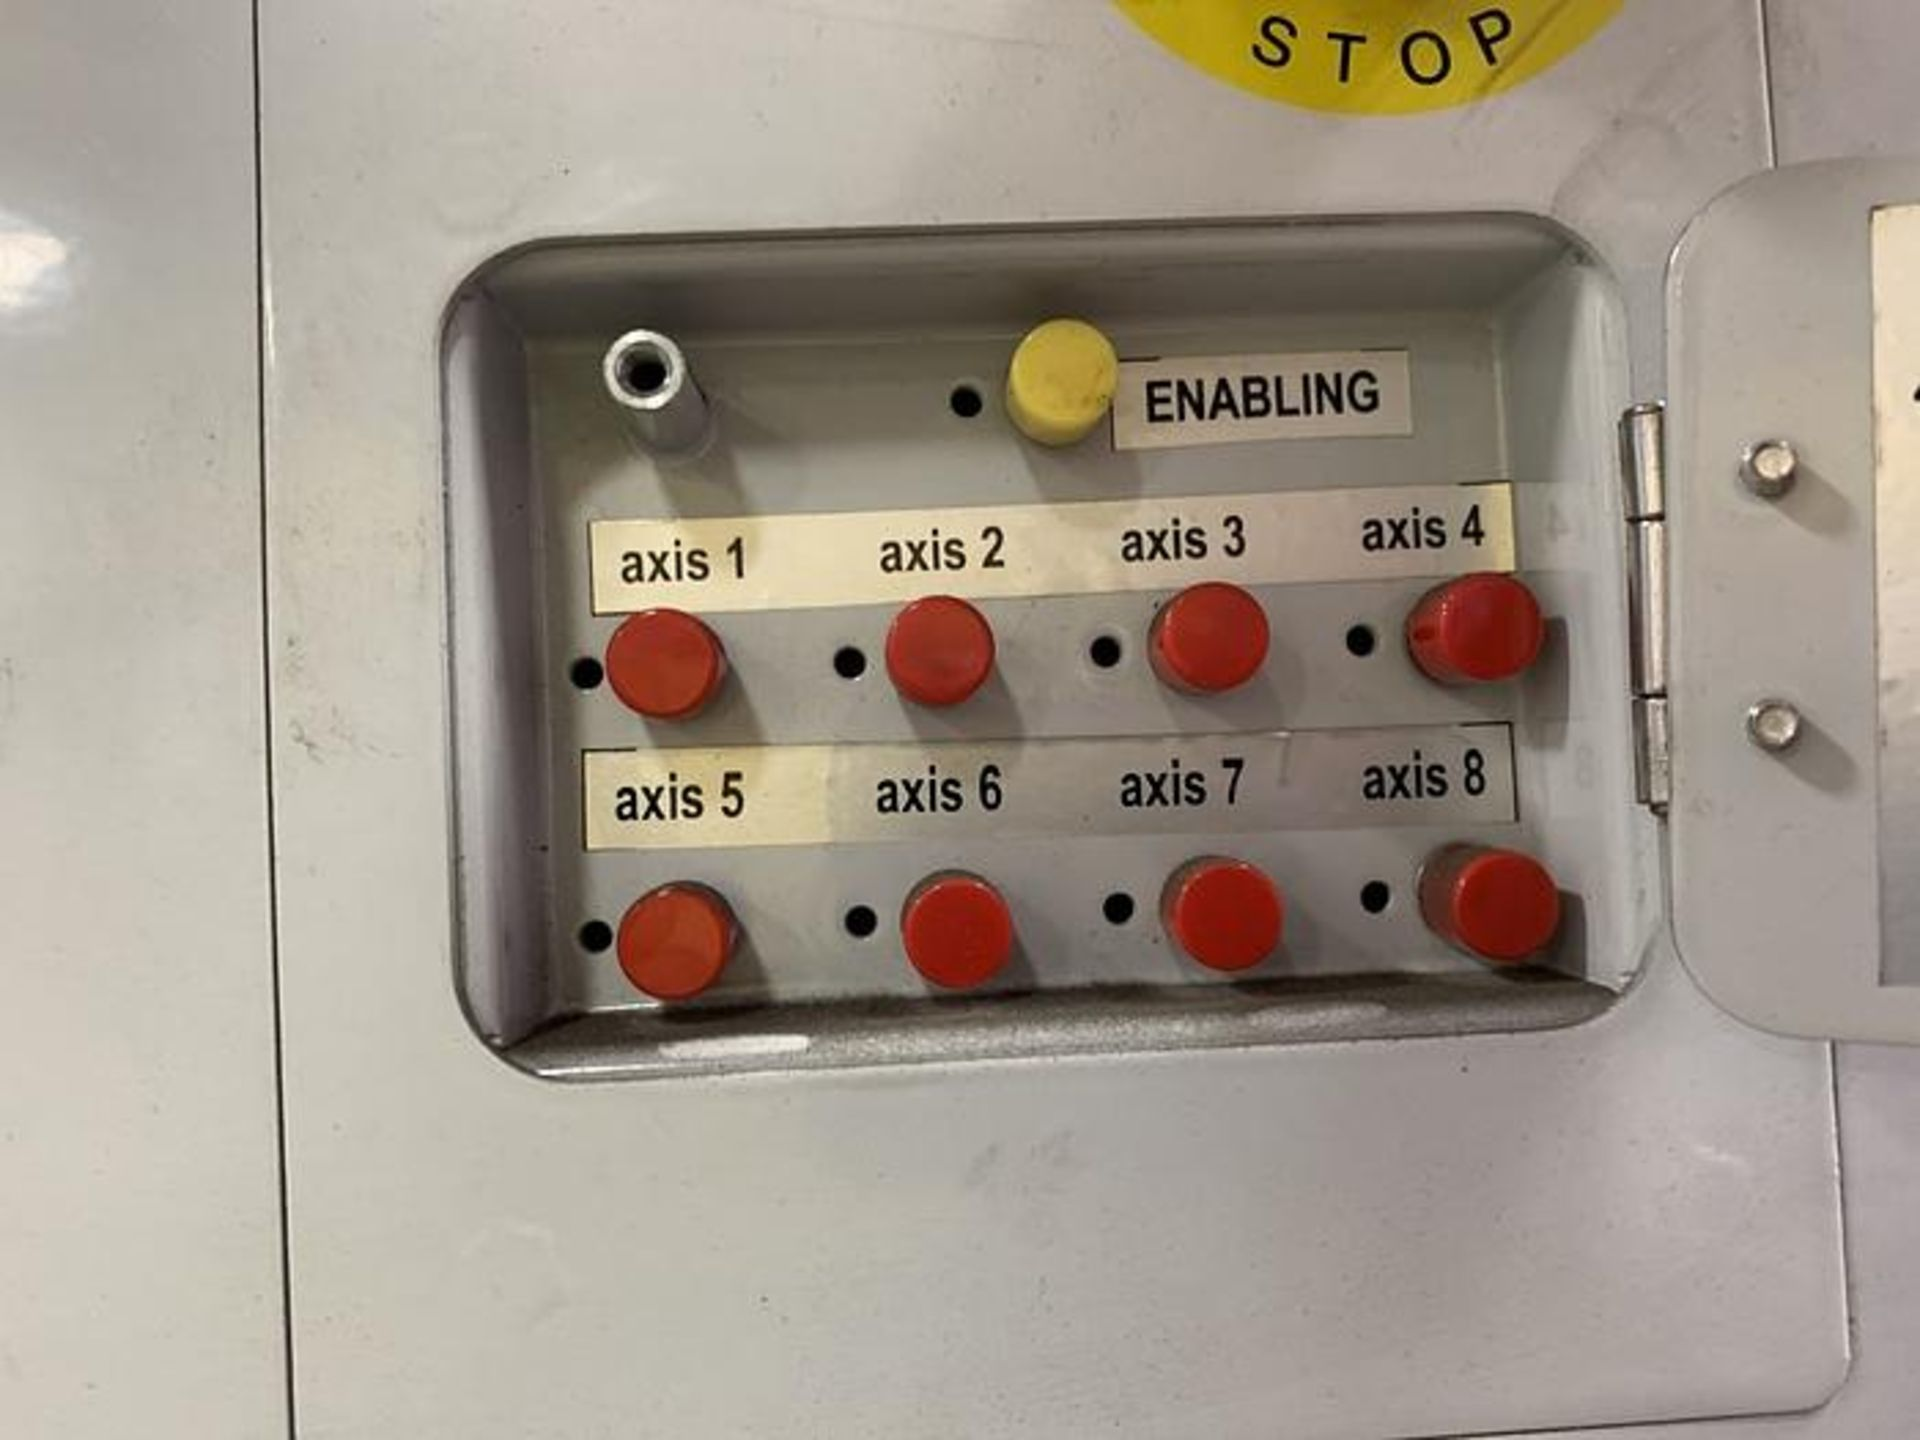 HYUNDIA MODEL HX400 400KG X 2573MM Hi5-N80U CONT. 6 AXIS CNC ROBOT, YEAR 2012, SN HB35-054-572 - Image 7 of 21